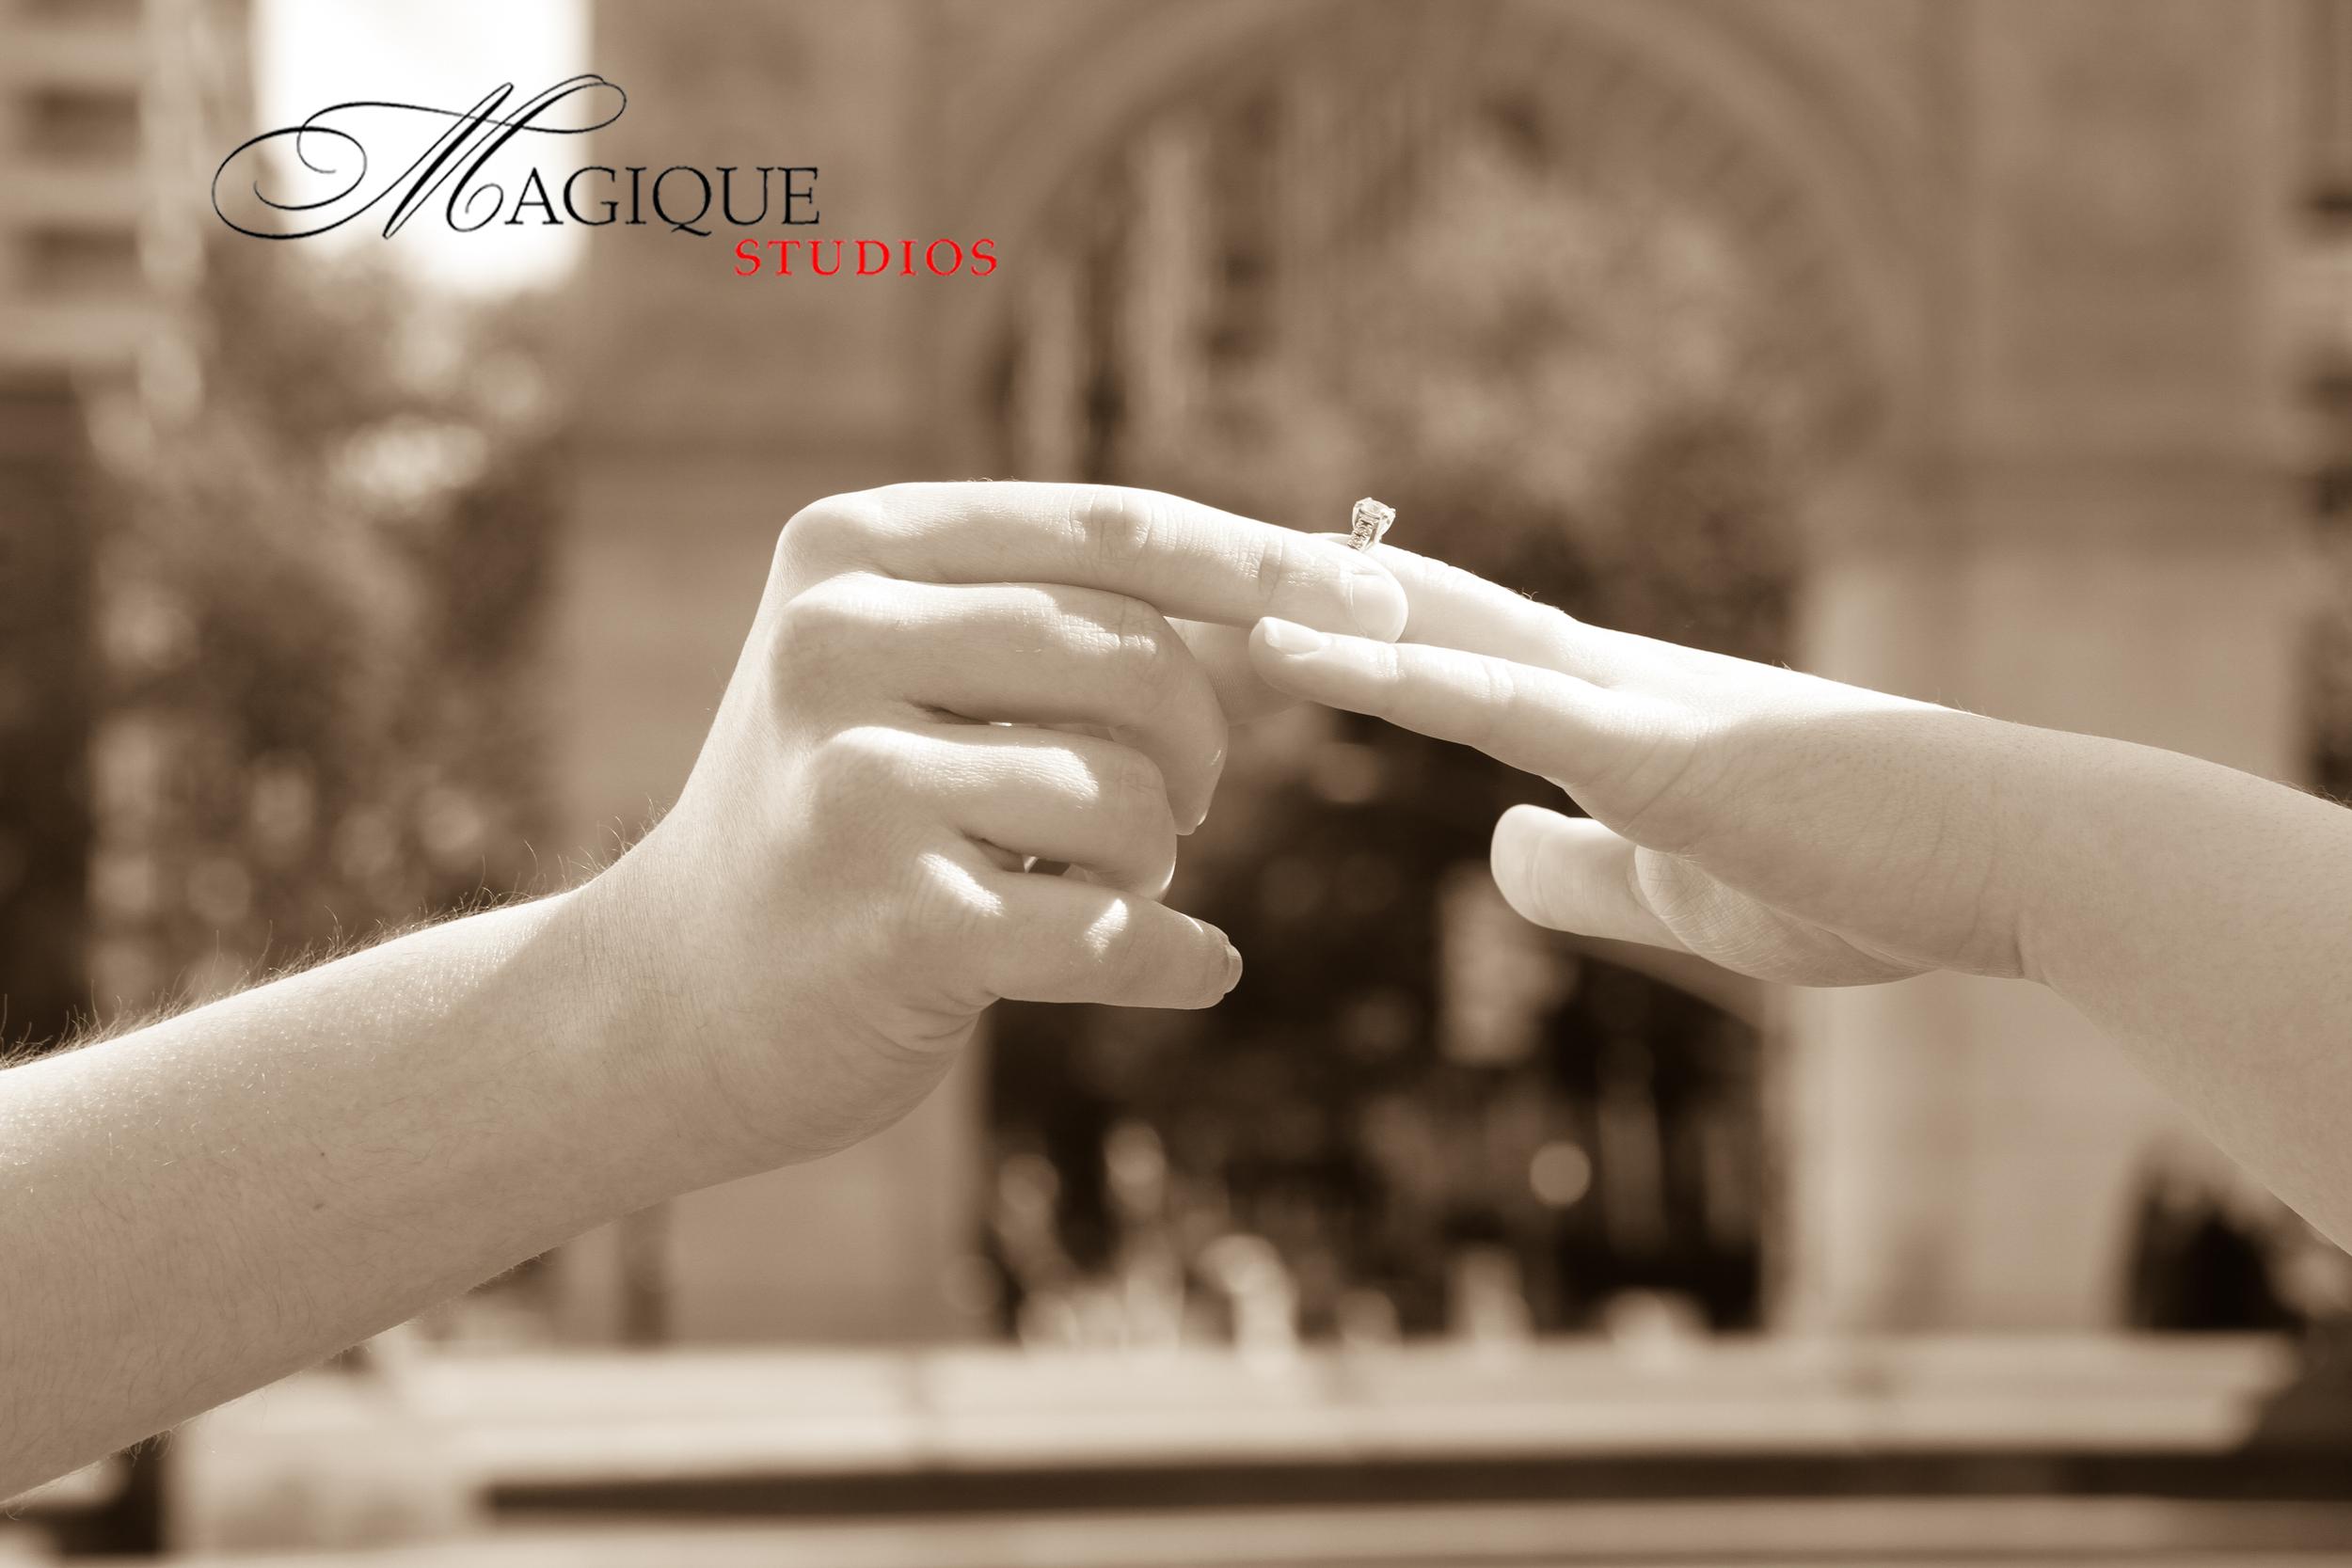 www.magiquestudios.com